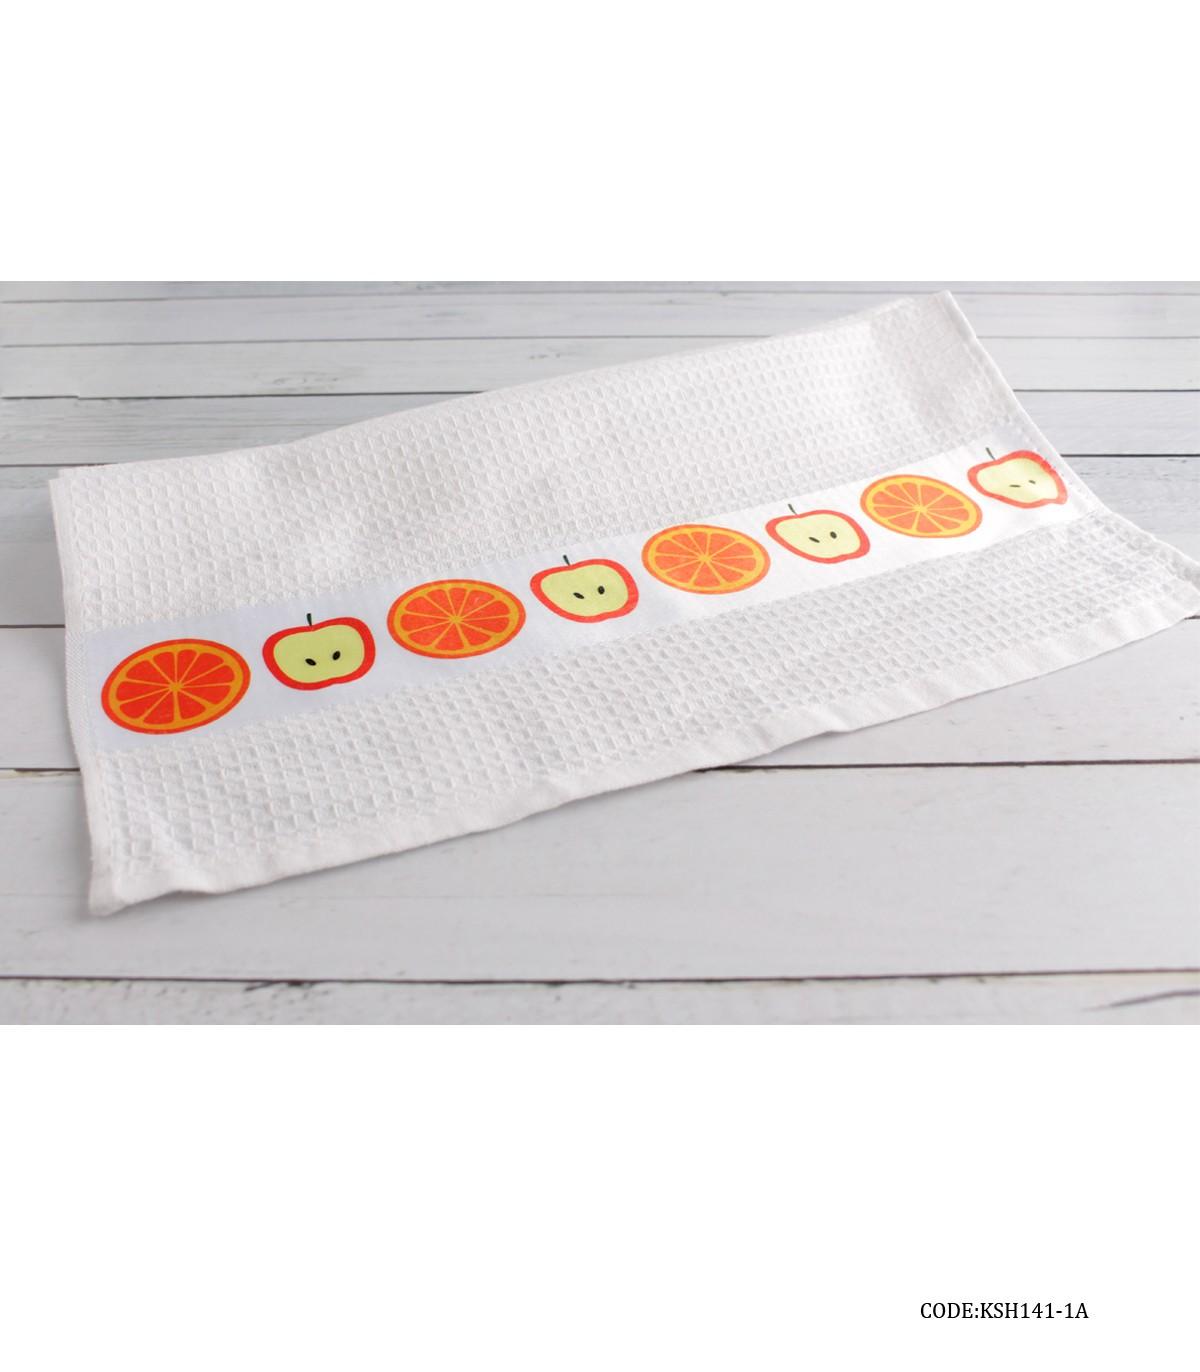 خرید آنلاین دستمال آشپزخانه عروس طرح سیب و پرتقال